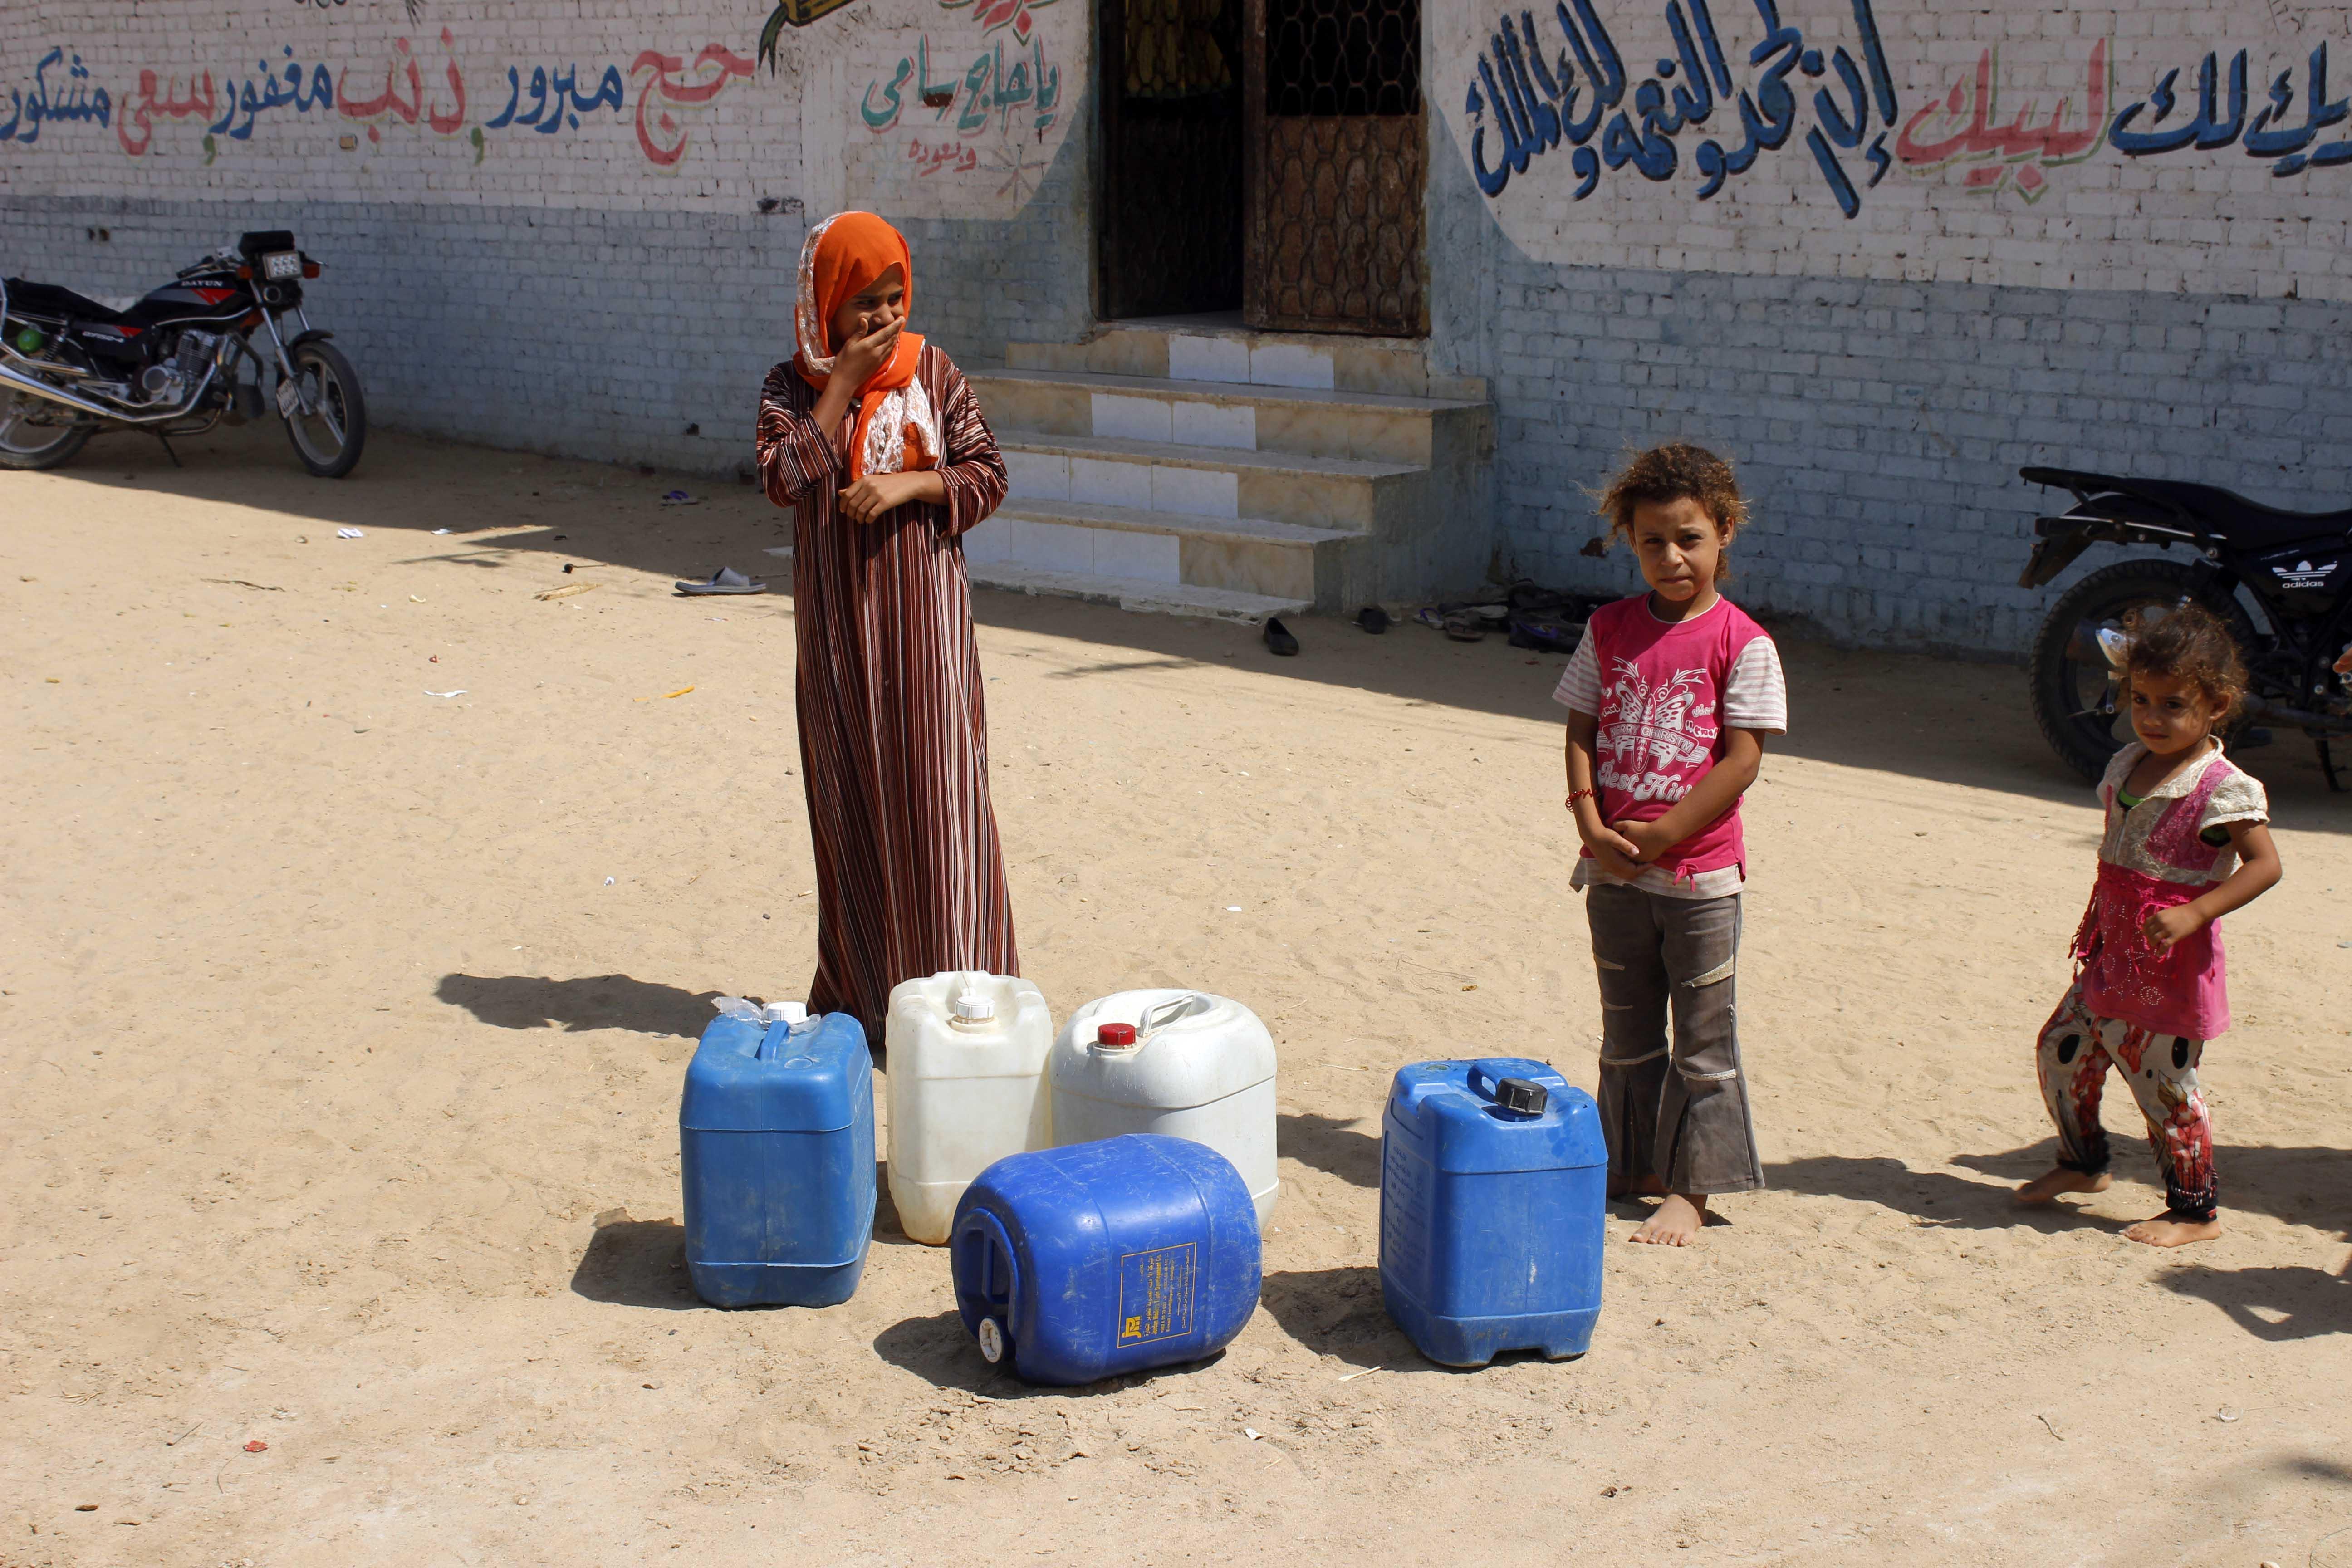 قري  تعيش بدون مياه  شرب  لأربعة أشهر  - تصوير  محمد عوض  (10)